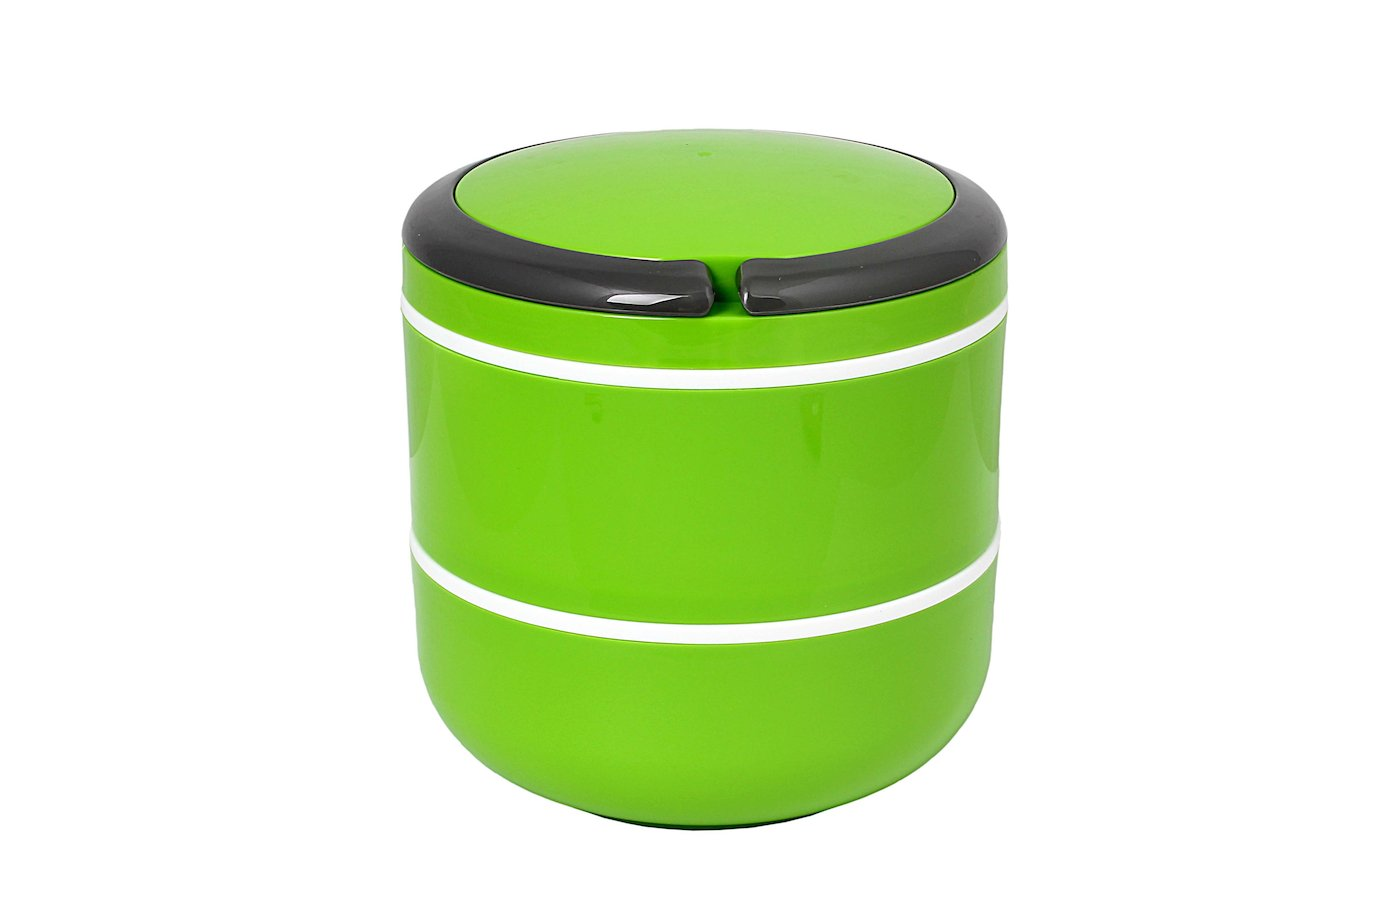 контейнеры для продуктов EXCOOK 10398 Lunch box Набор контейнеров (2шт)